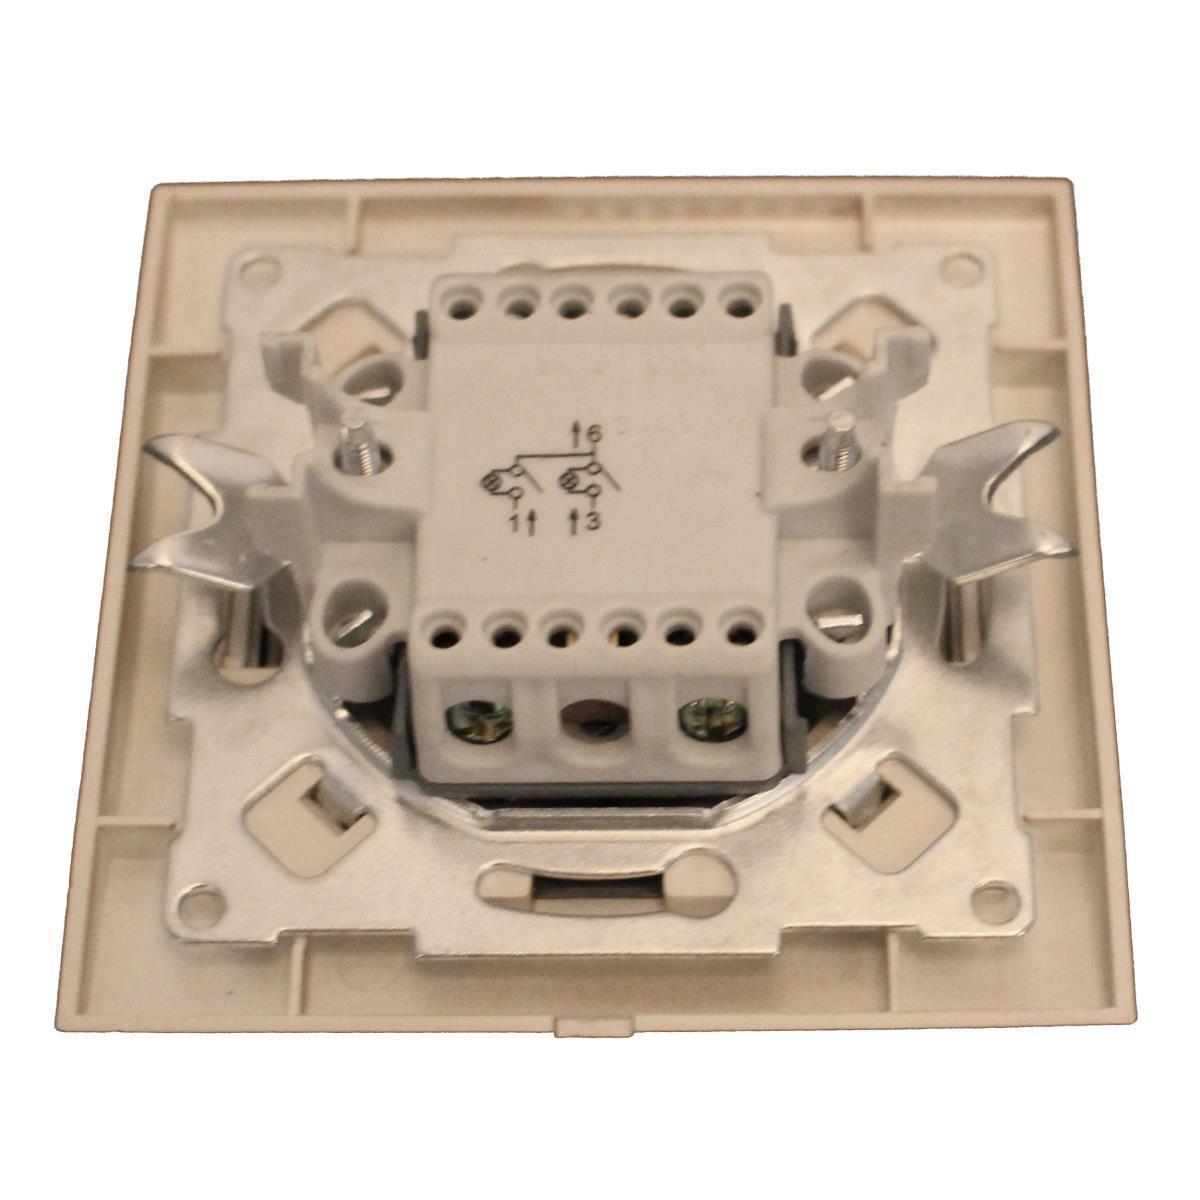 Unterputz Serienschalter beleuchtet champagner/silber 10A Zweifach Lichtschalter,OKKO,9209-02N-C, 4772013048596